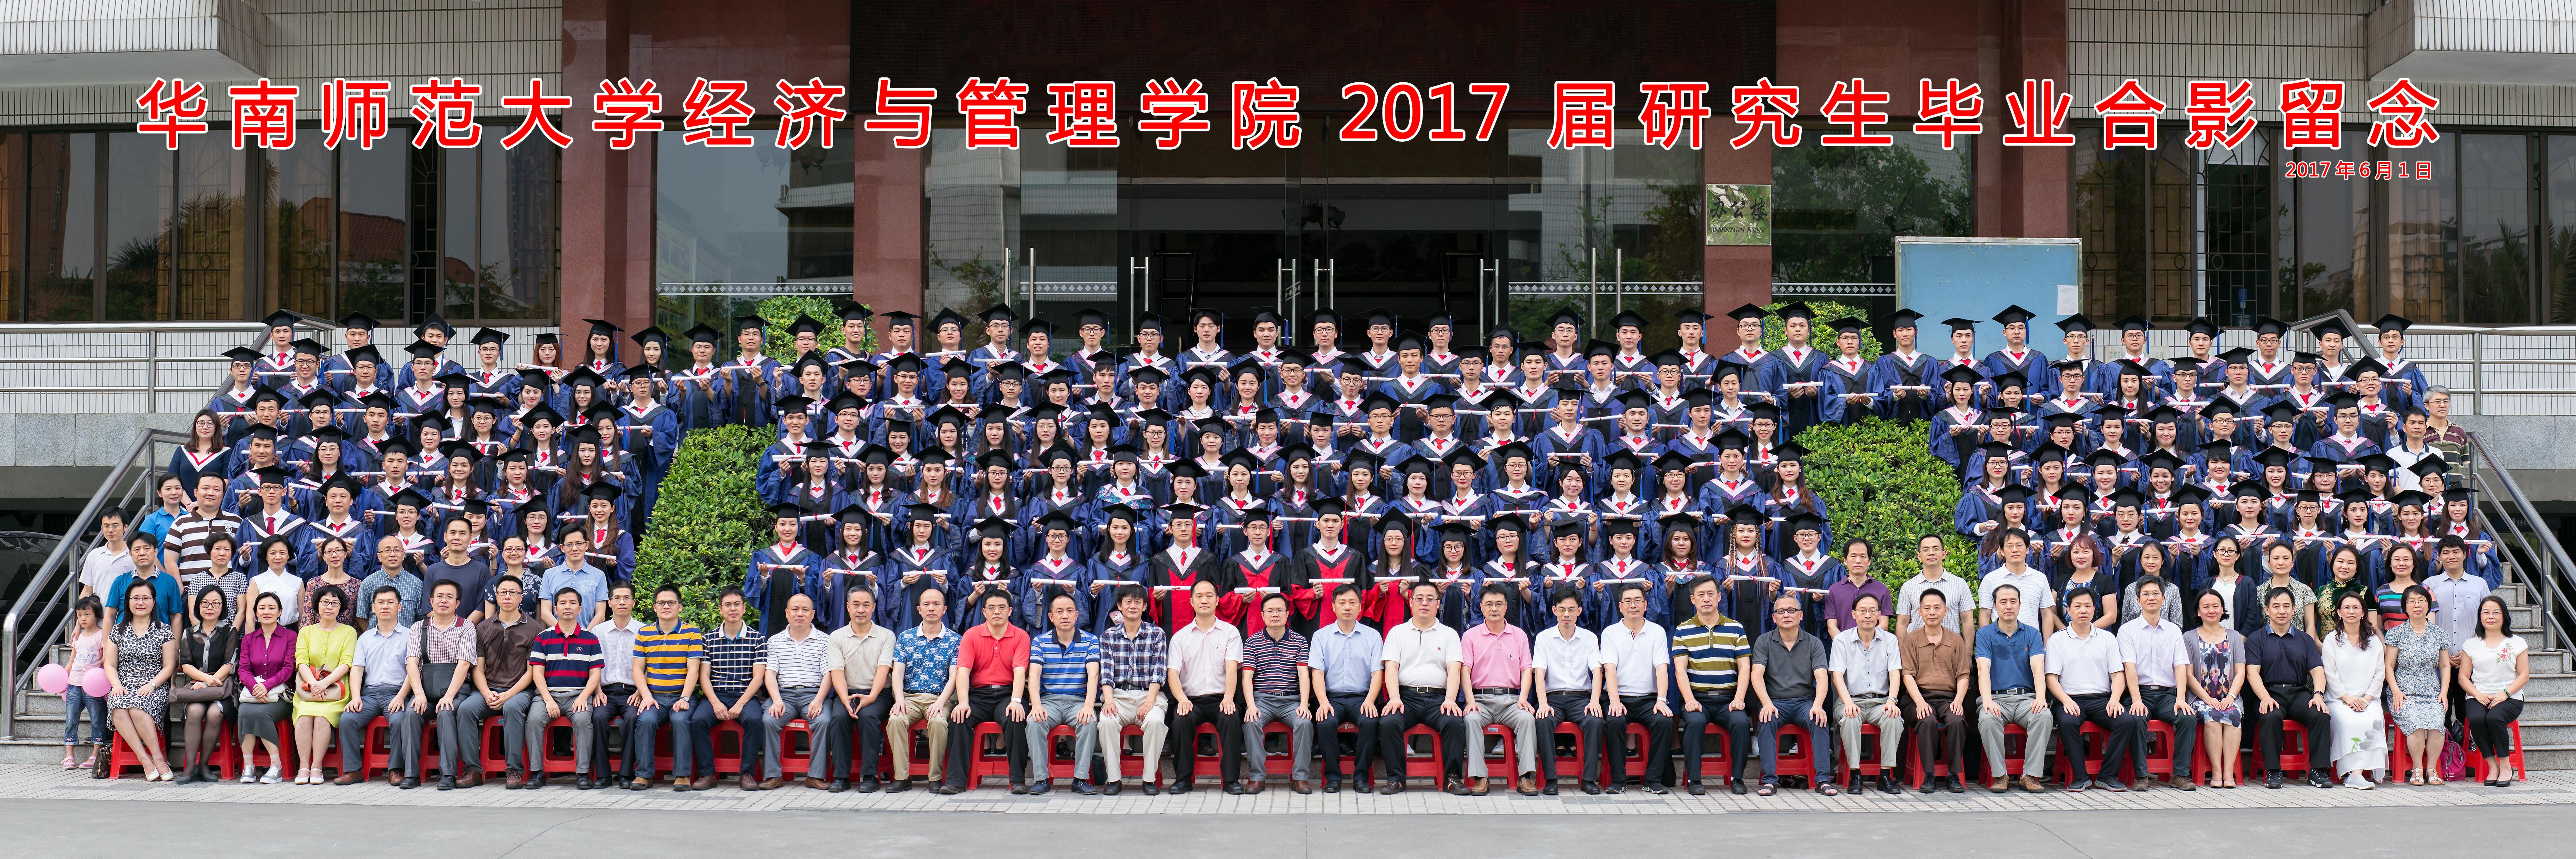 經濟與管理學院2017屆畢業研究生合影.jpg